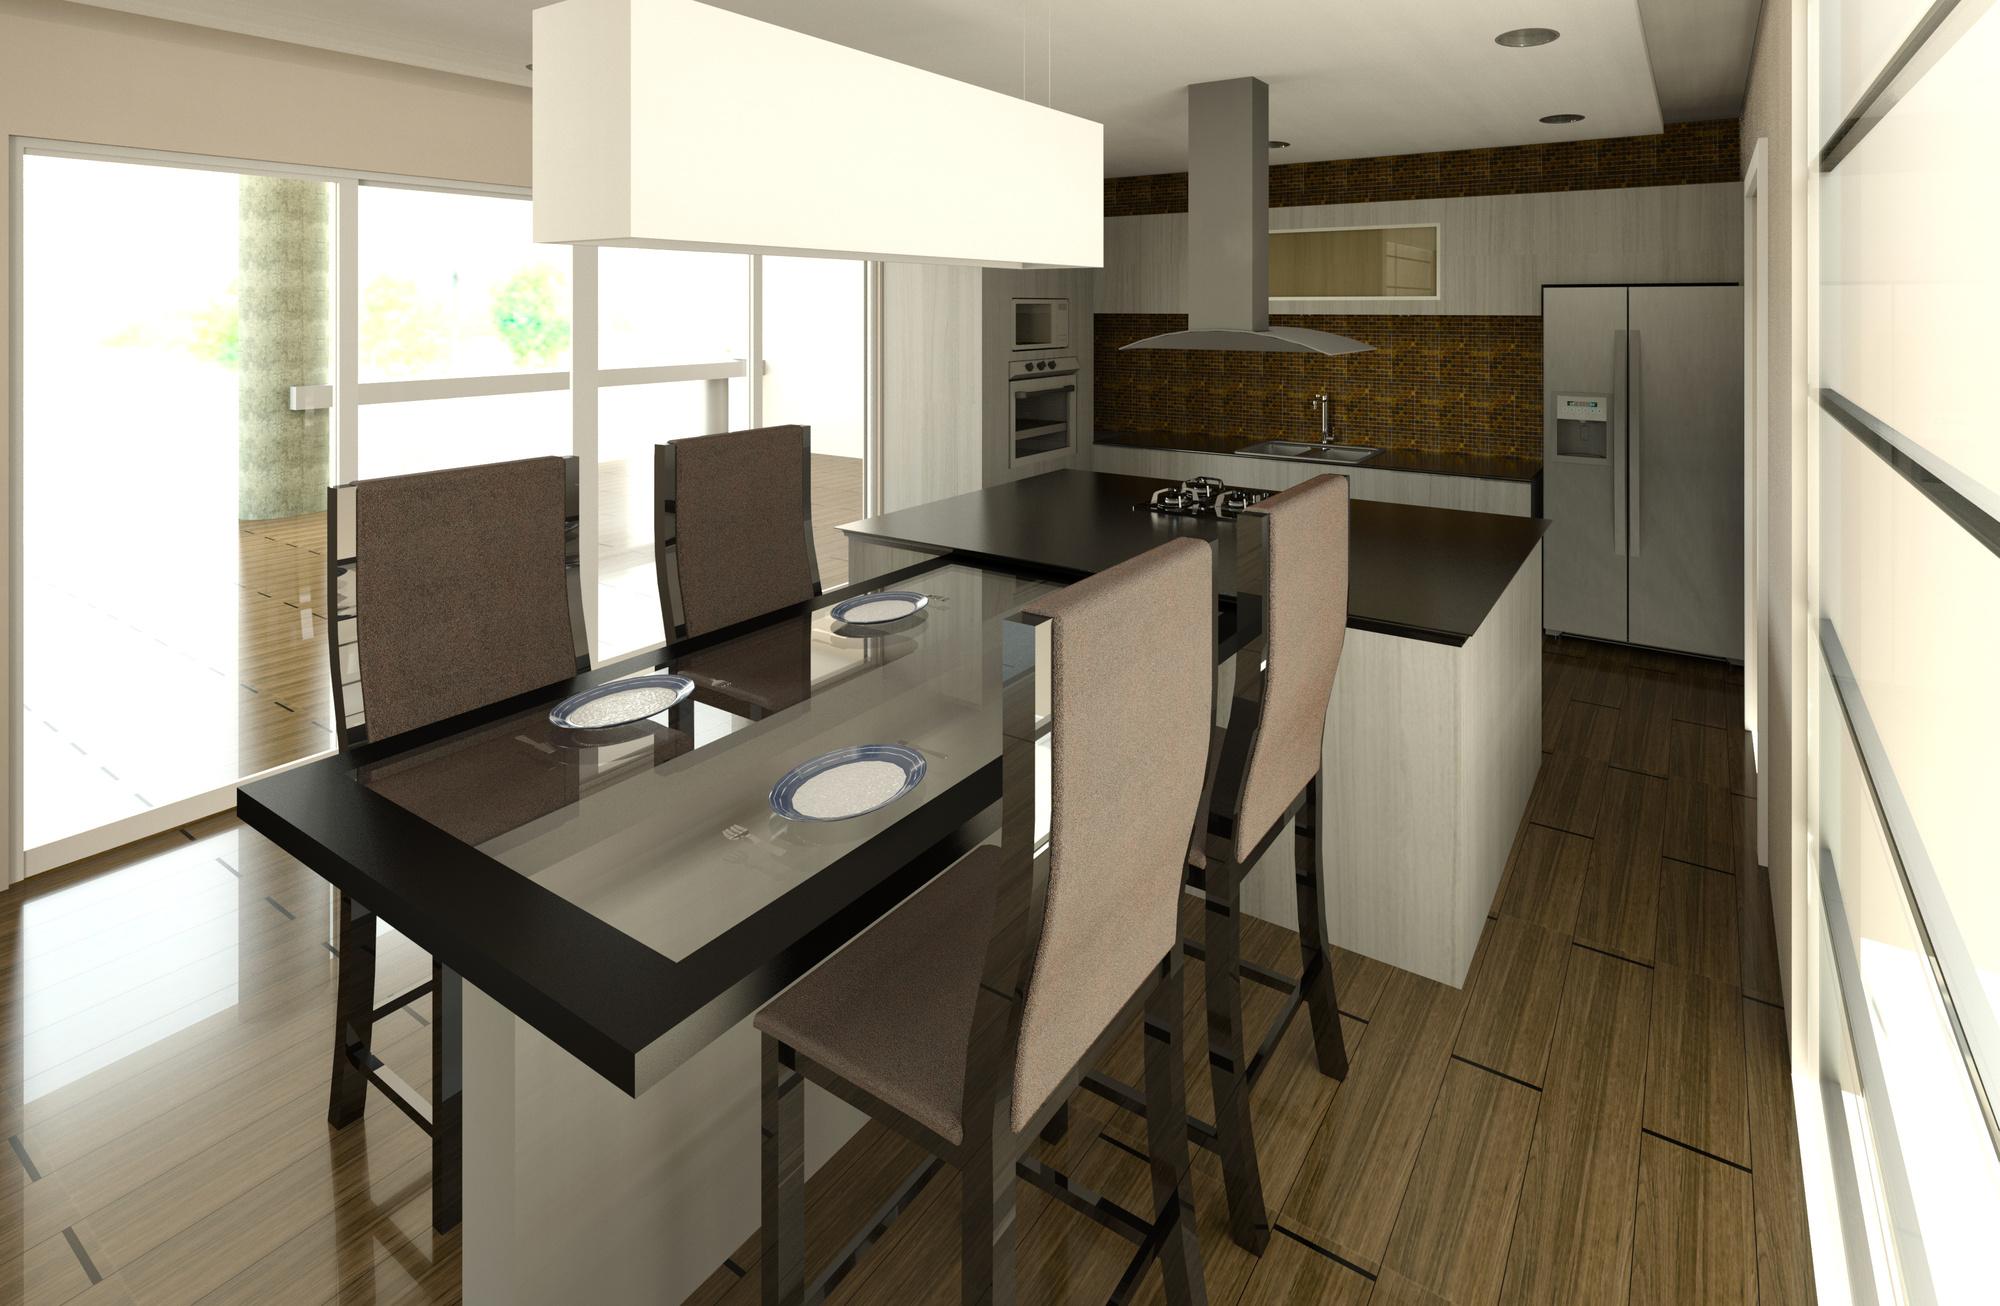 Raas-rendering20150326-5001-8pmwvs